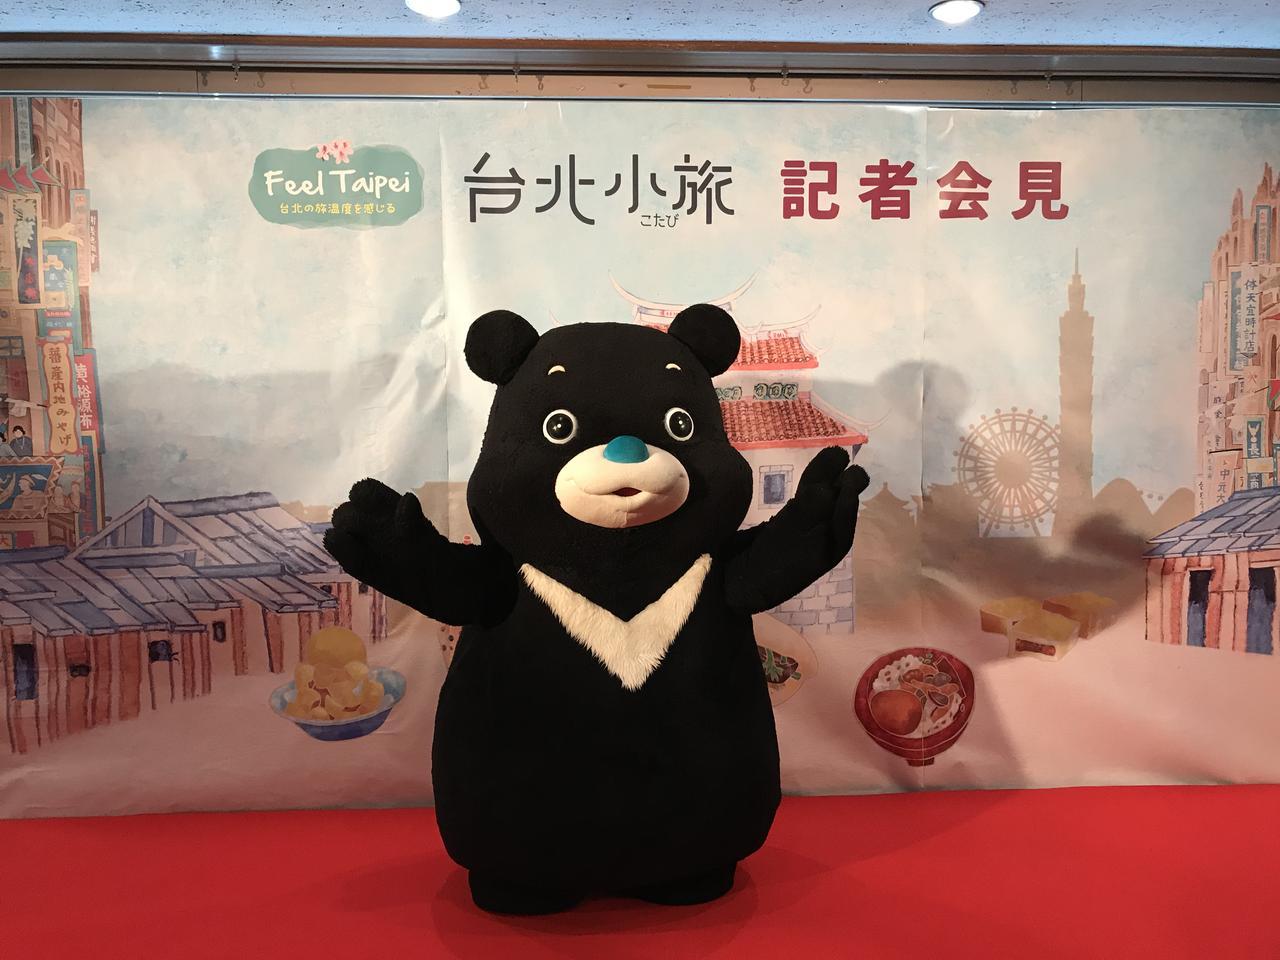 画像3: 加藤和樹さんが台北観光大使に就任!「2018 Feel Taipei ~台北の旅温度を感じる~」記者会見